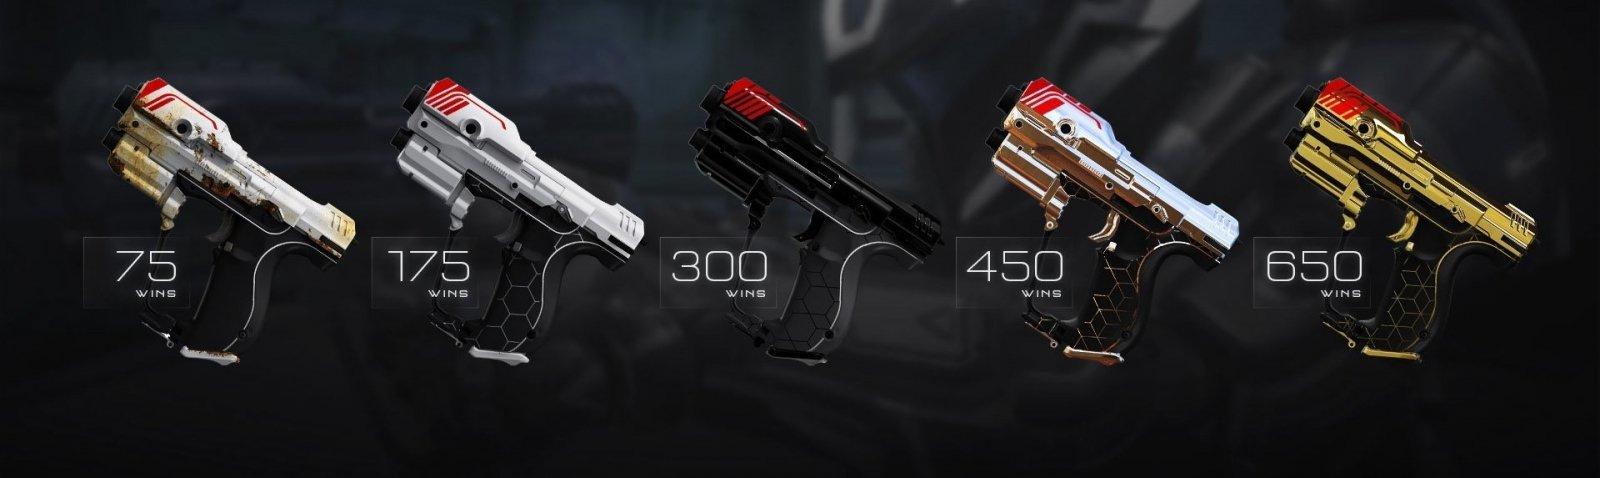 H5 Magnum Skins